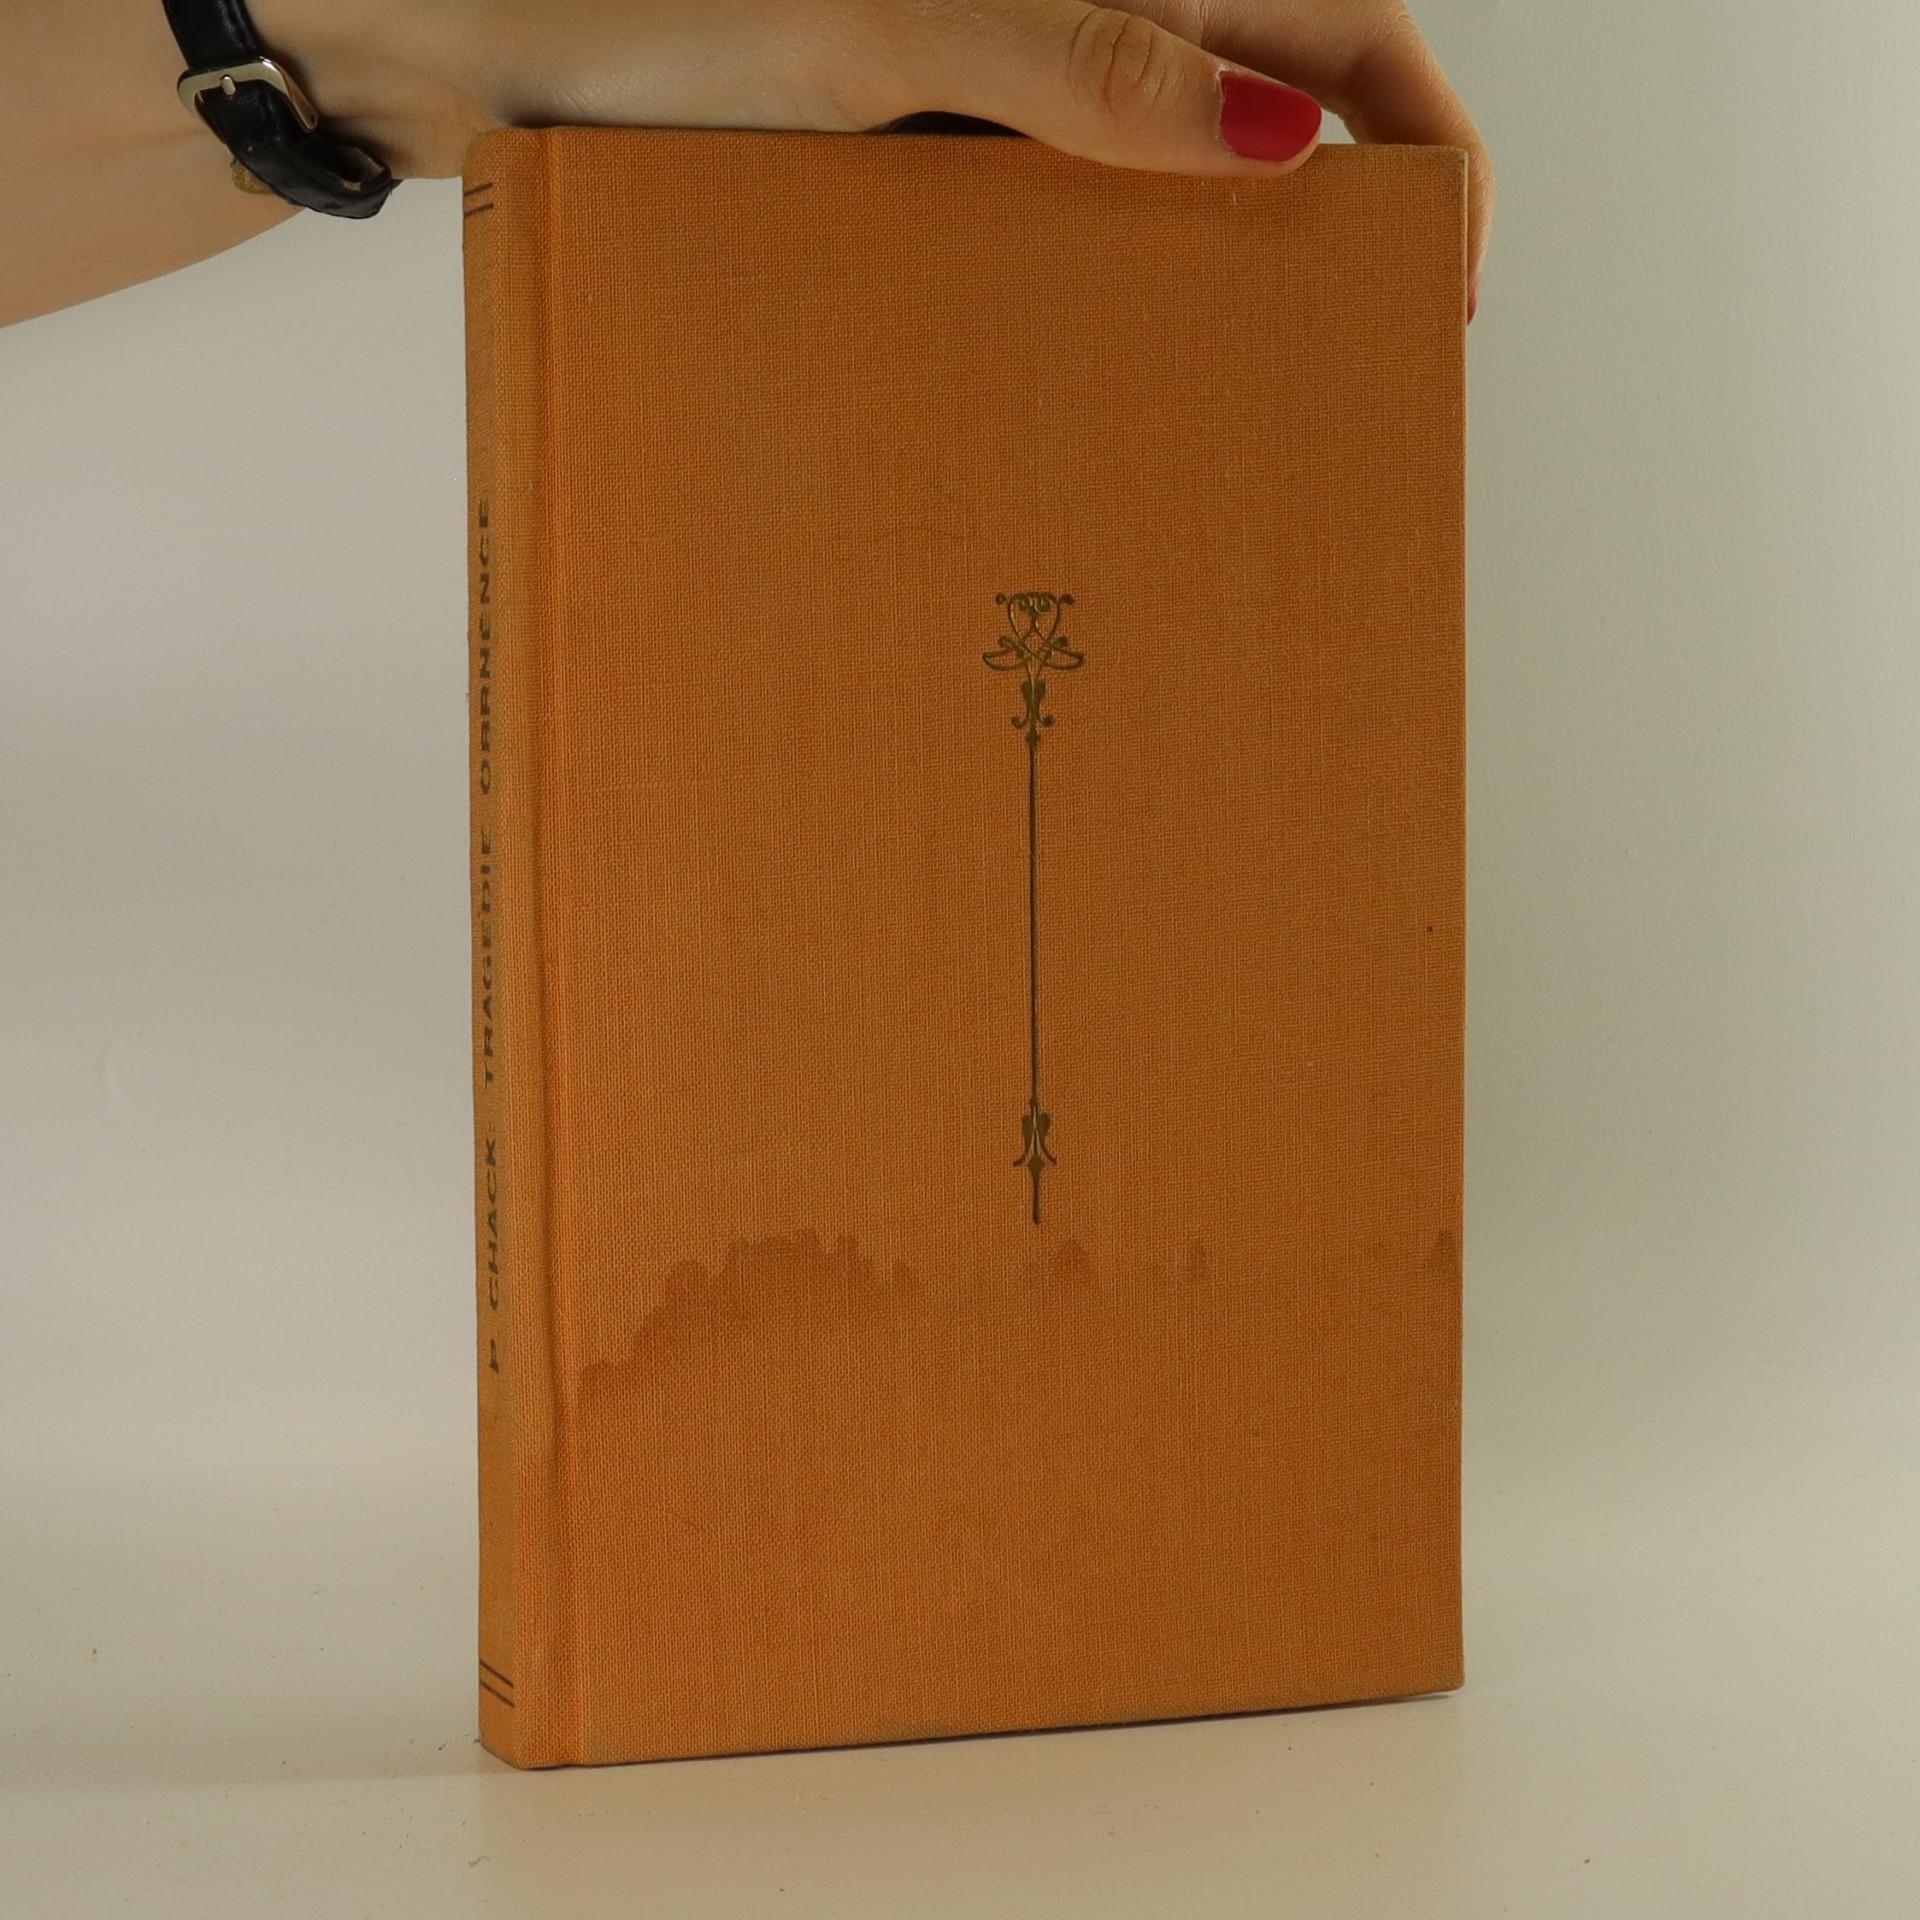 antikvární kniha Tragédie obrněnce, 1930